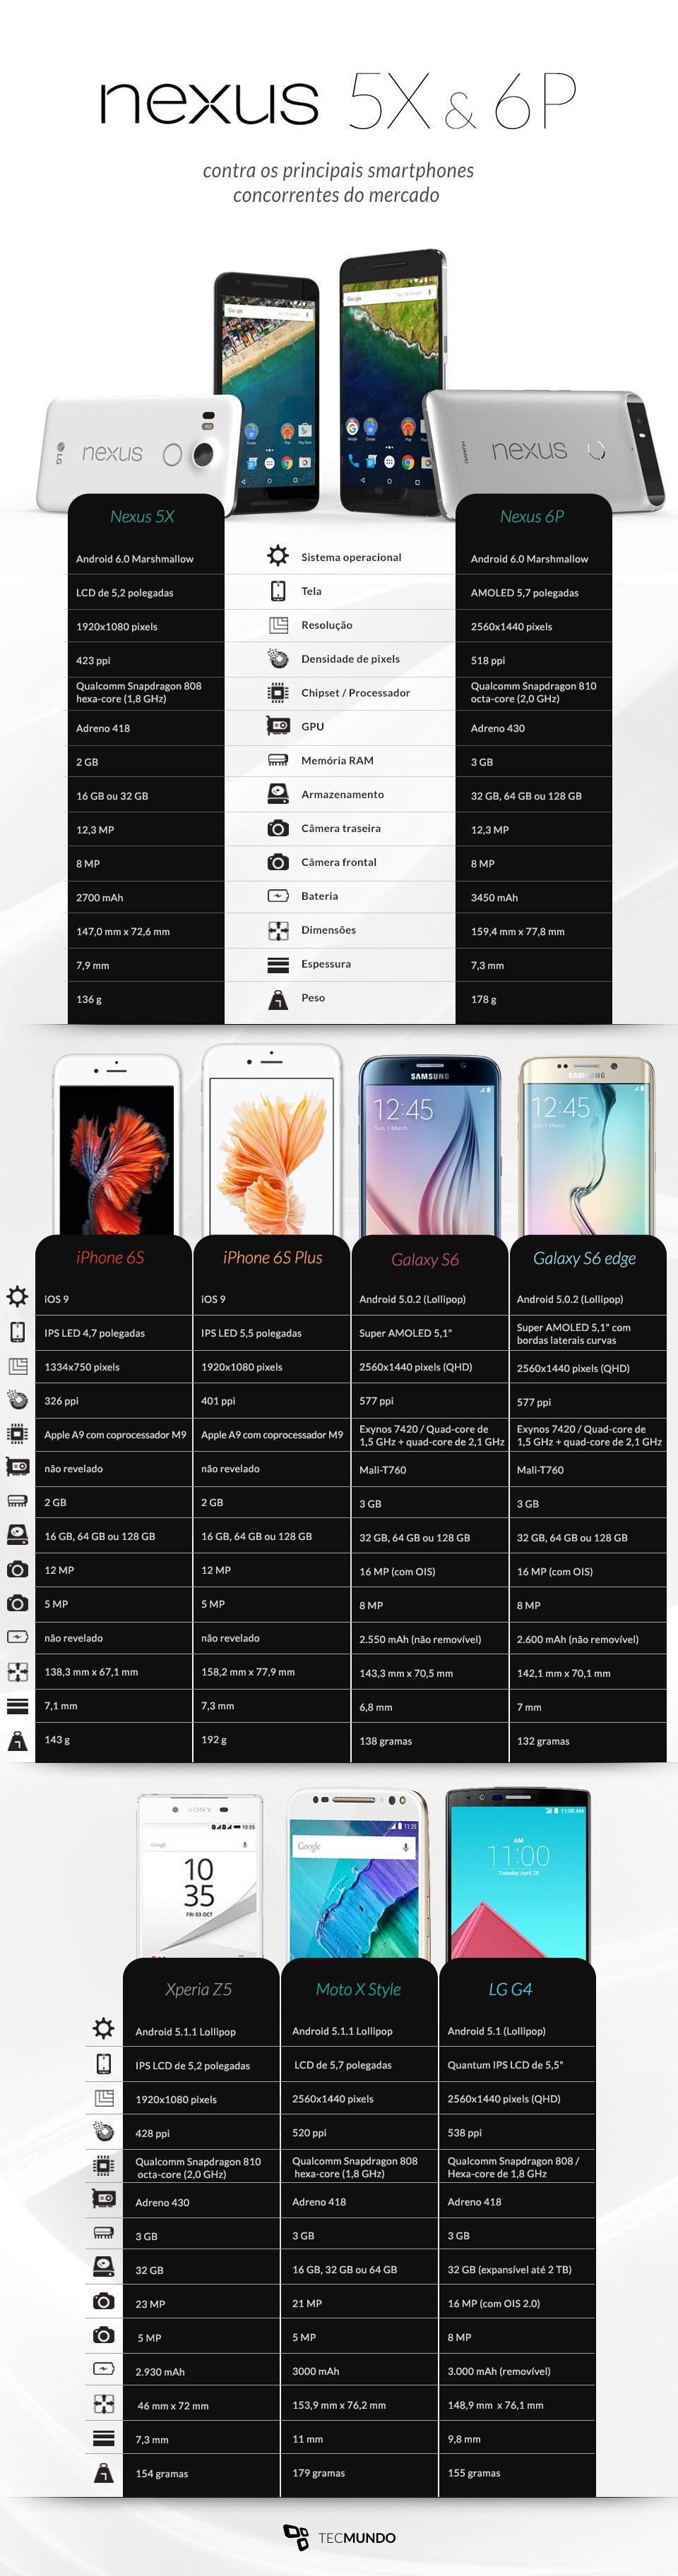 Nexus 5X e 6P contra os principais concorrentes do mercado